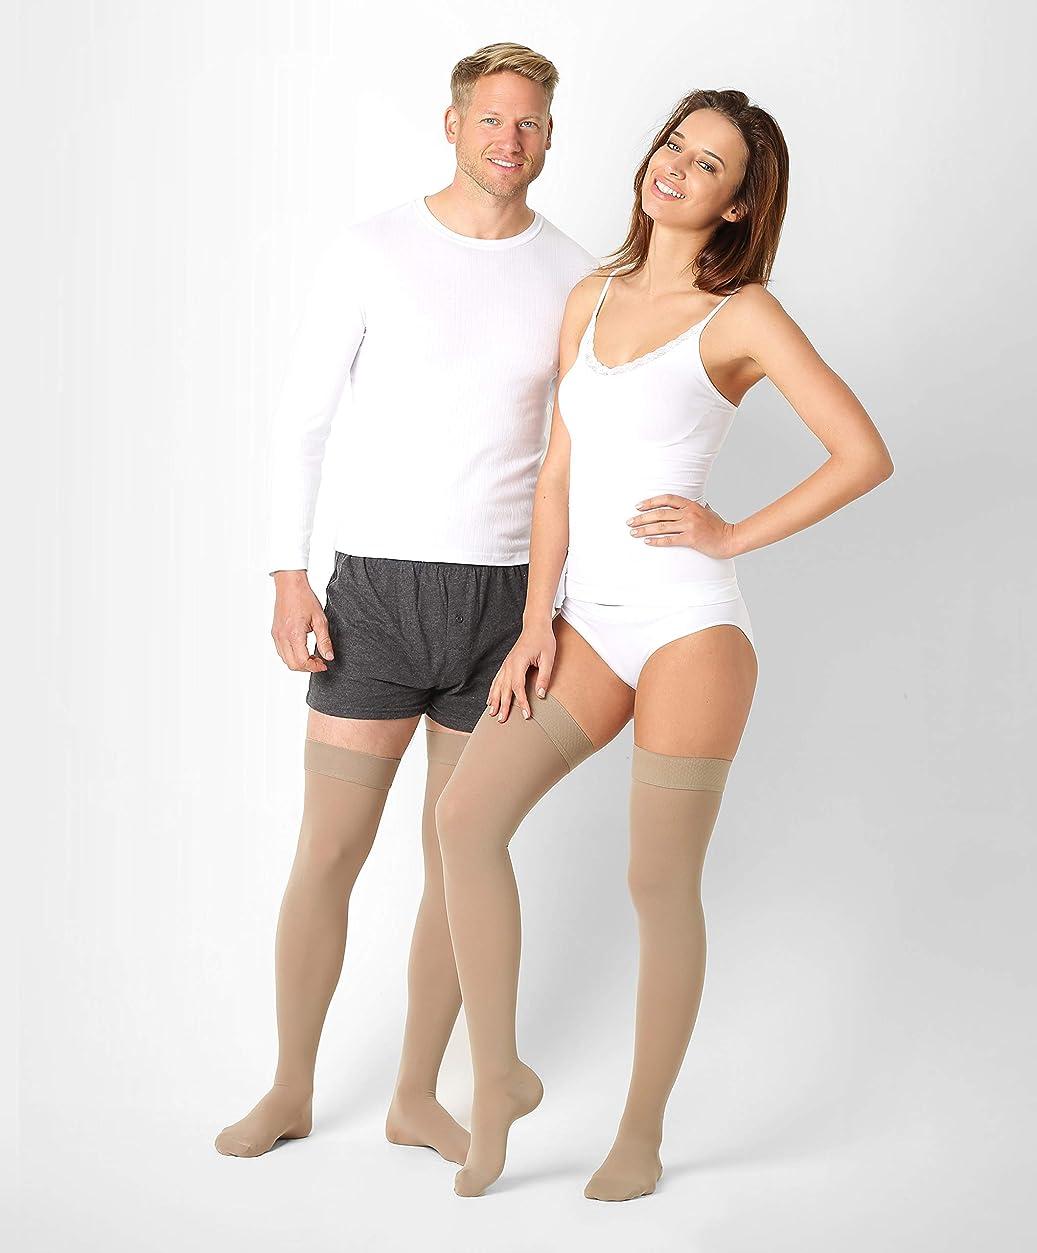 船外結婚したバウンスBeFit24 医療用着圧ストッキング クラス 1 (18-21 mmHg) 男性?女性用 ーあらゆるラ イフスタイルのニーズに対応ー ヨーロッパ製 X-Large Beige